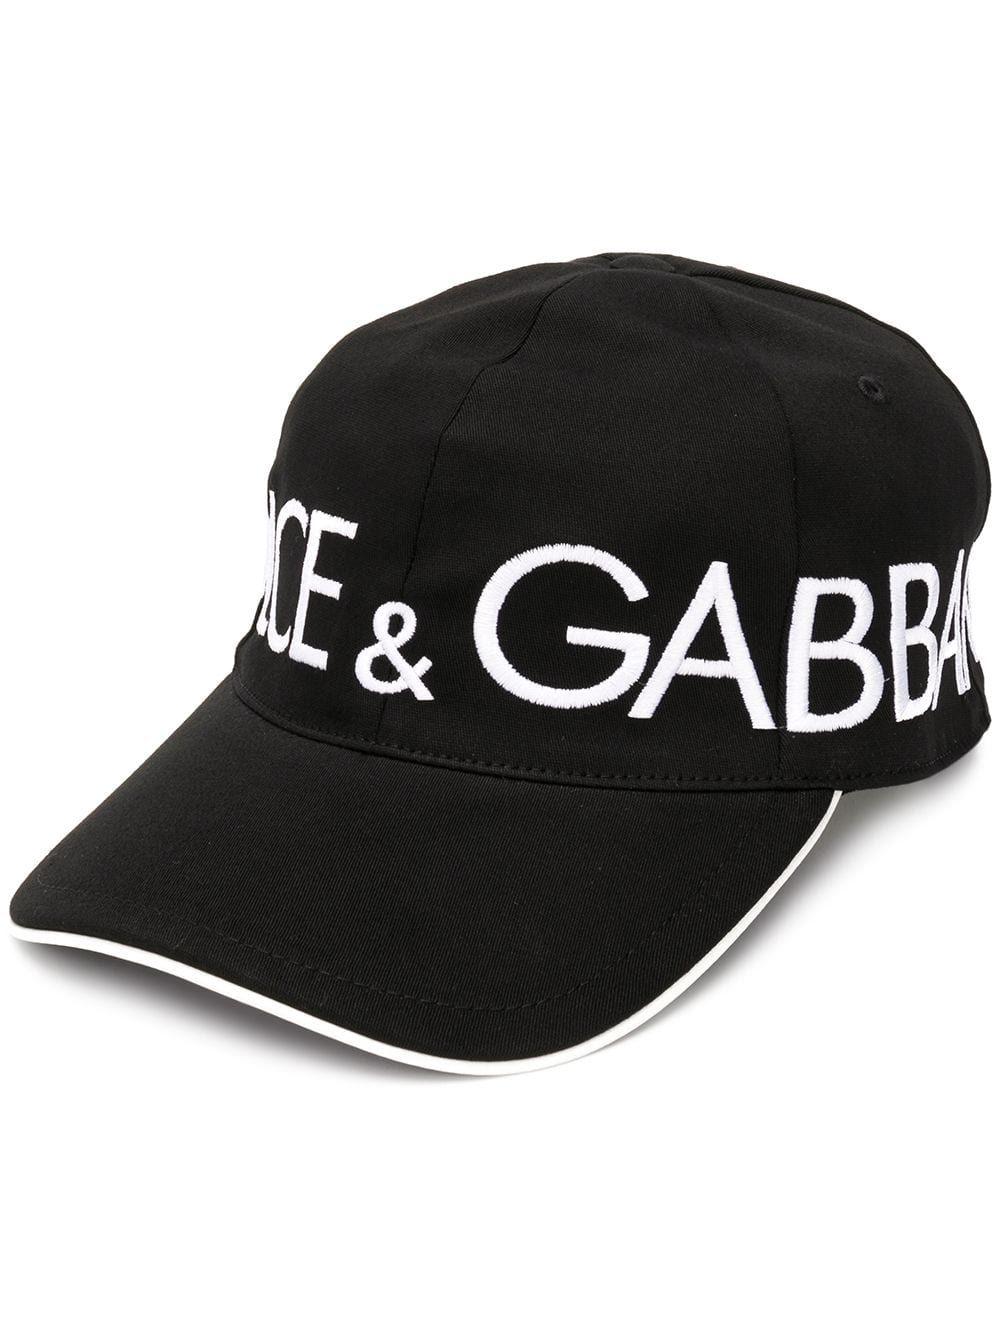 DOLCE   GABBANA DOLCE   GABBANA LOGO BASEBALL CAP - BLACK.  dolcegabbana fe028eece74